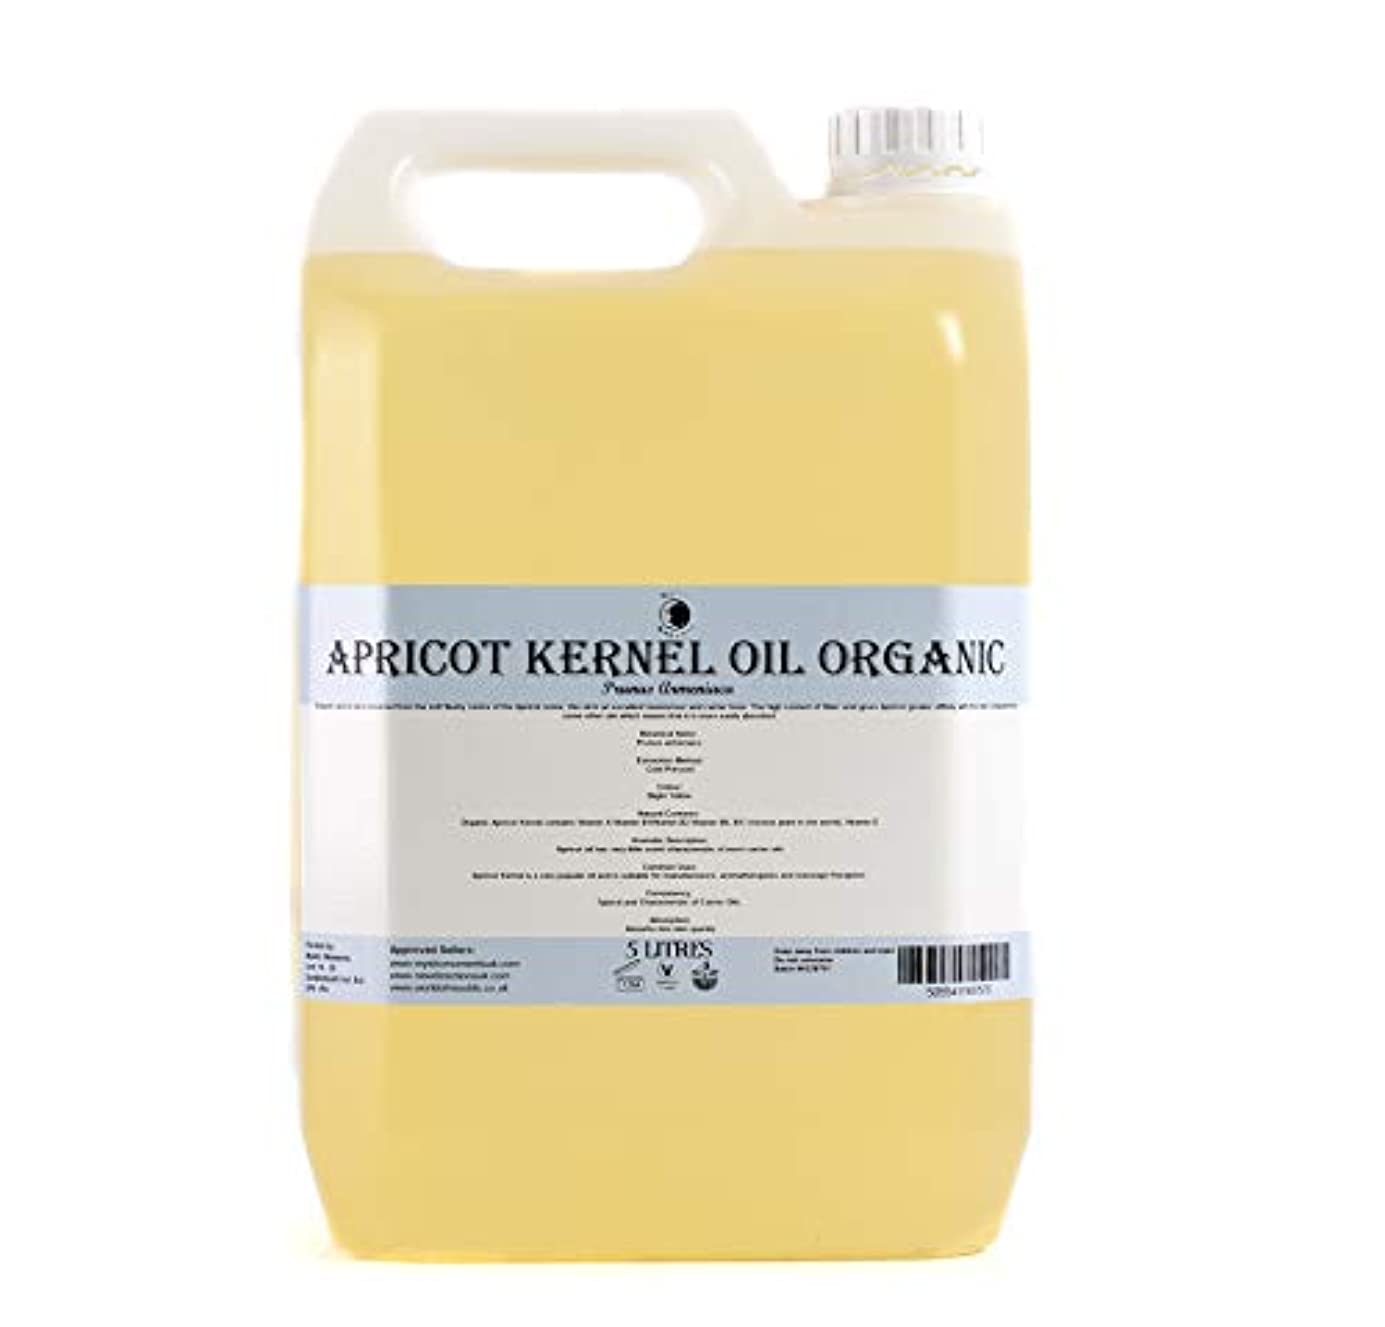 横たわる軸痴漢Mystic Moments | Apricot Kernel Organic Carrier Oil - 5 Litres - 100% Pure